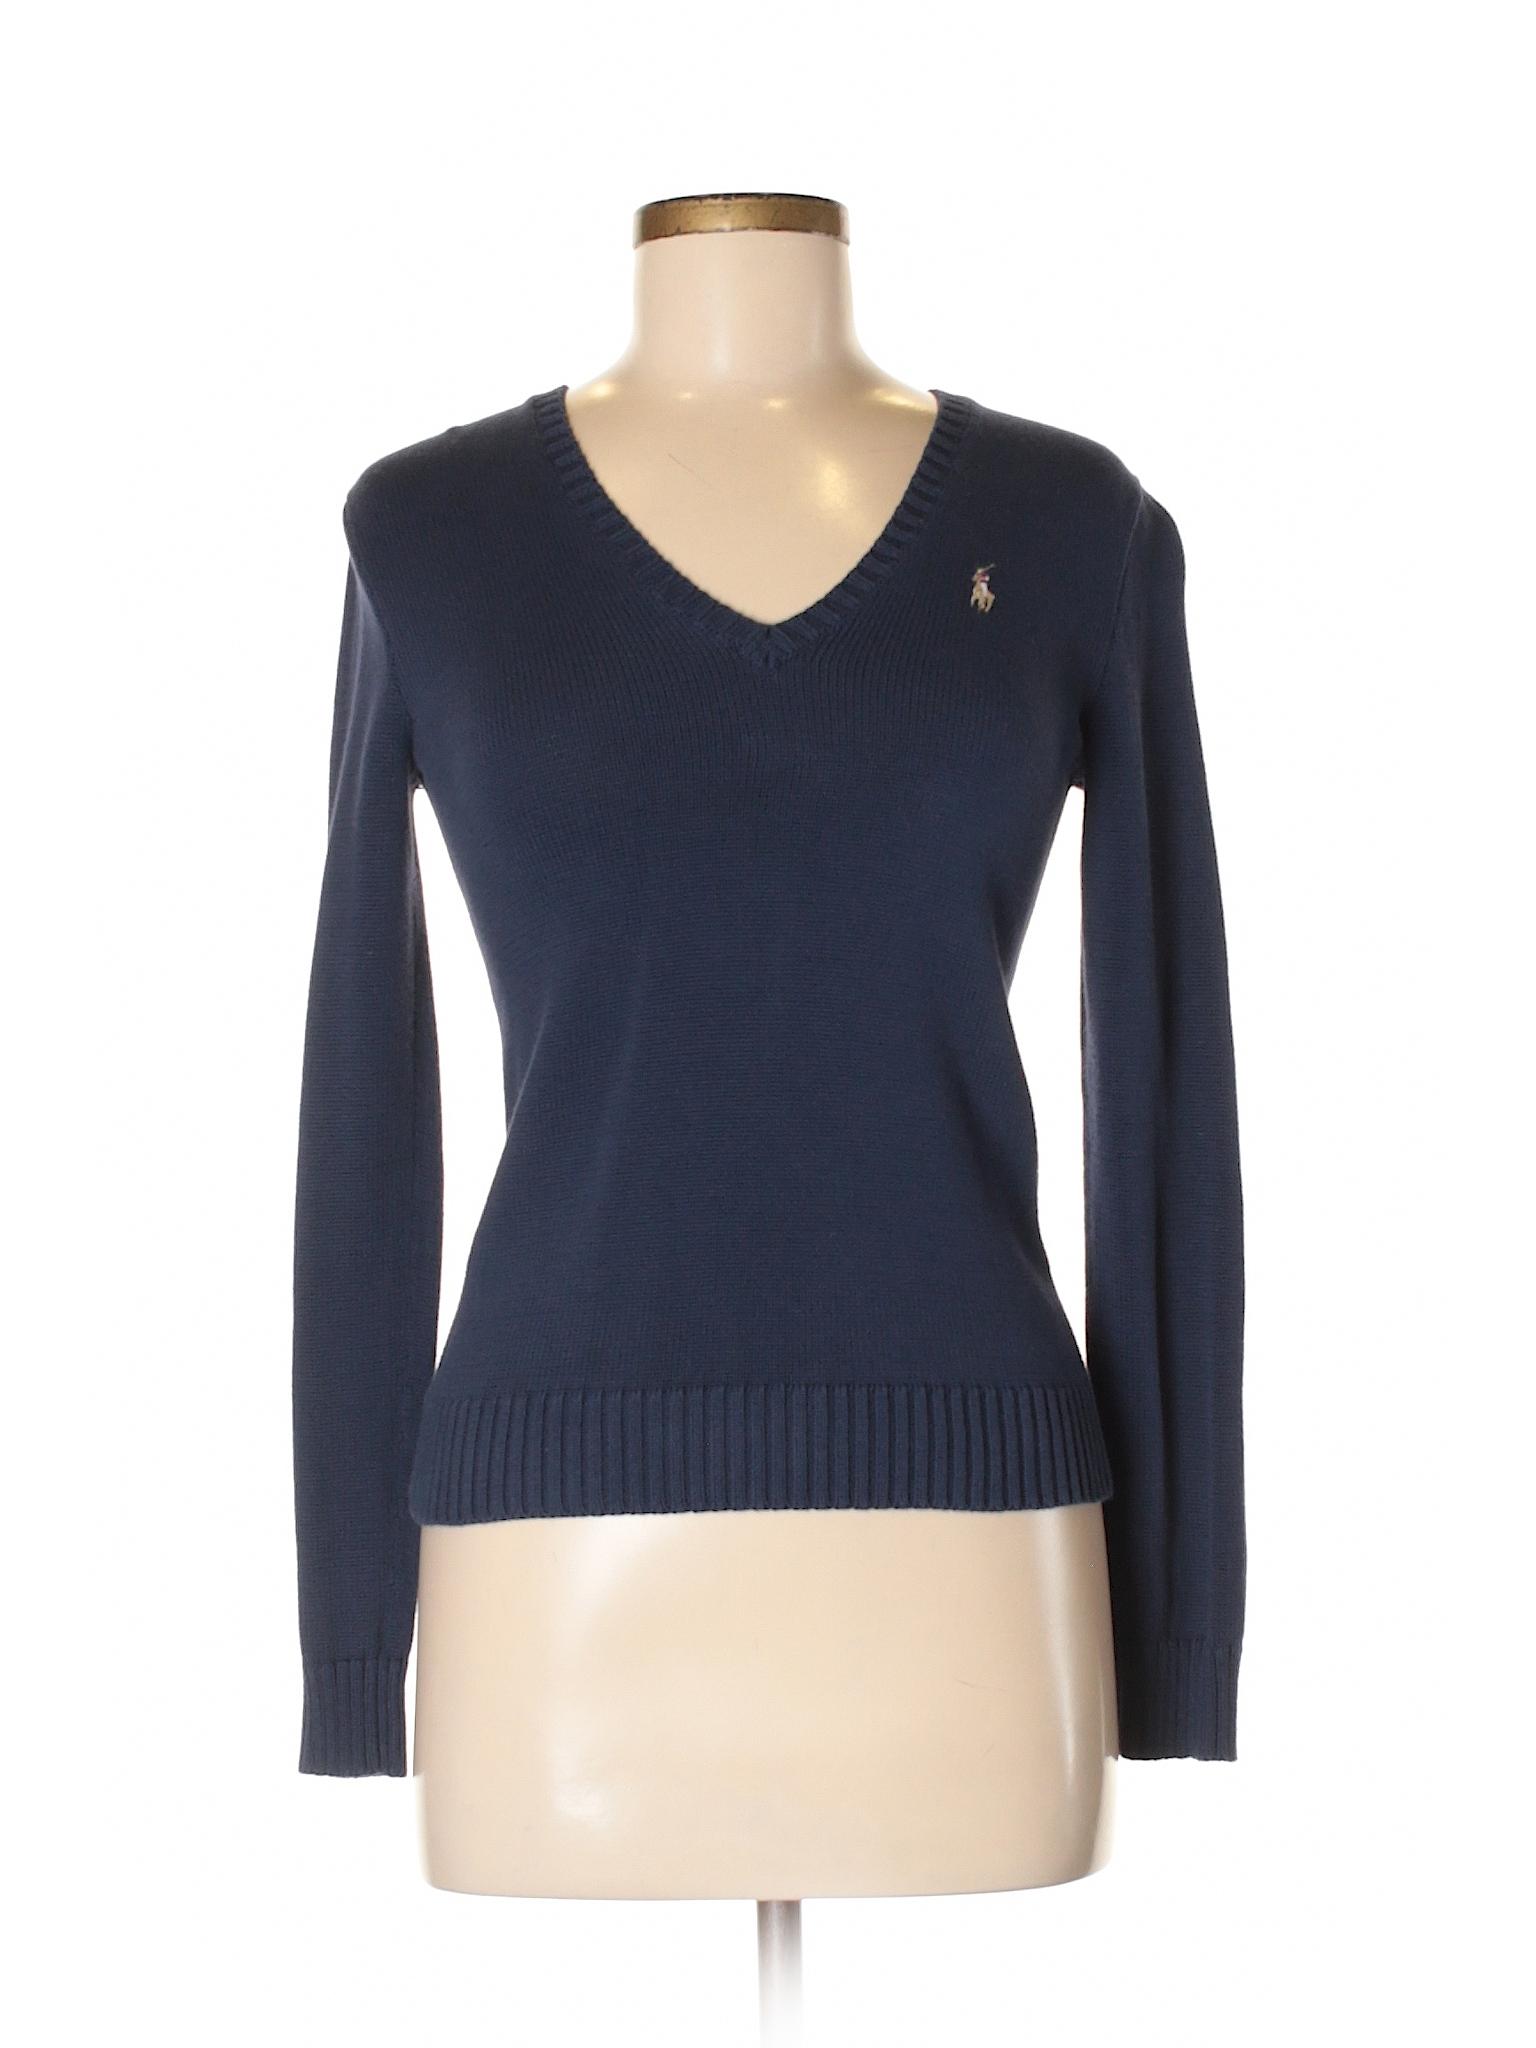 Pullover by Ralph Ralph winter Boutique Sweater Lauren 6xwCXEAq